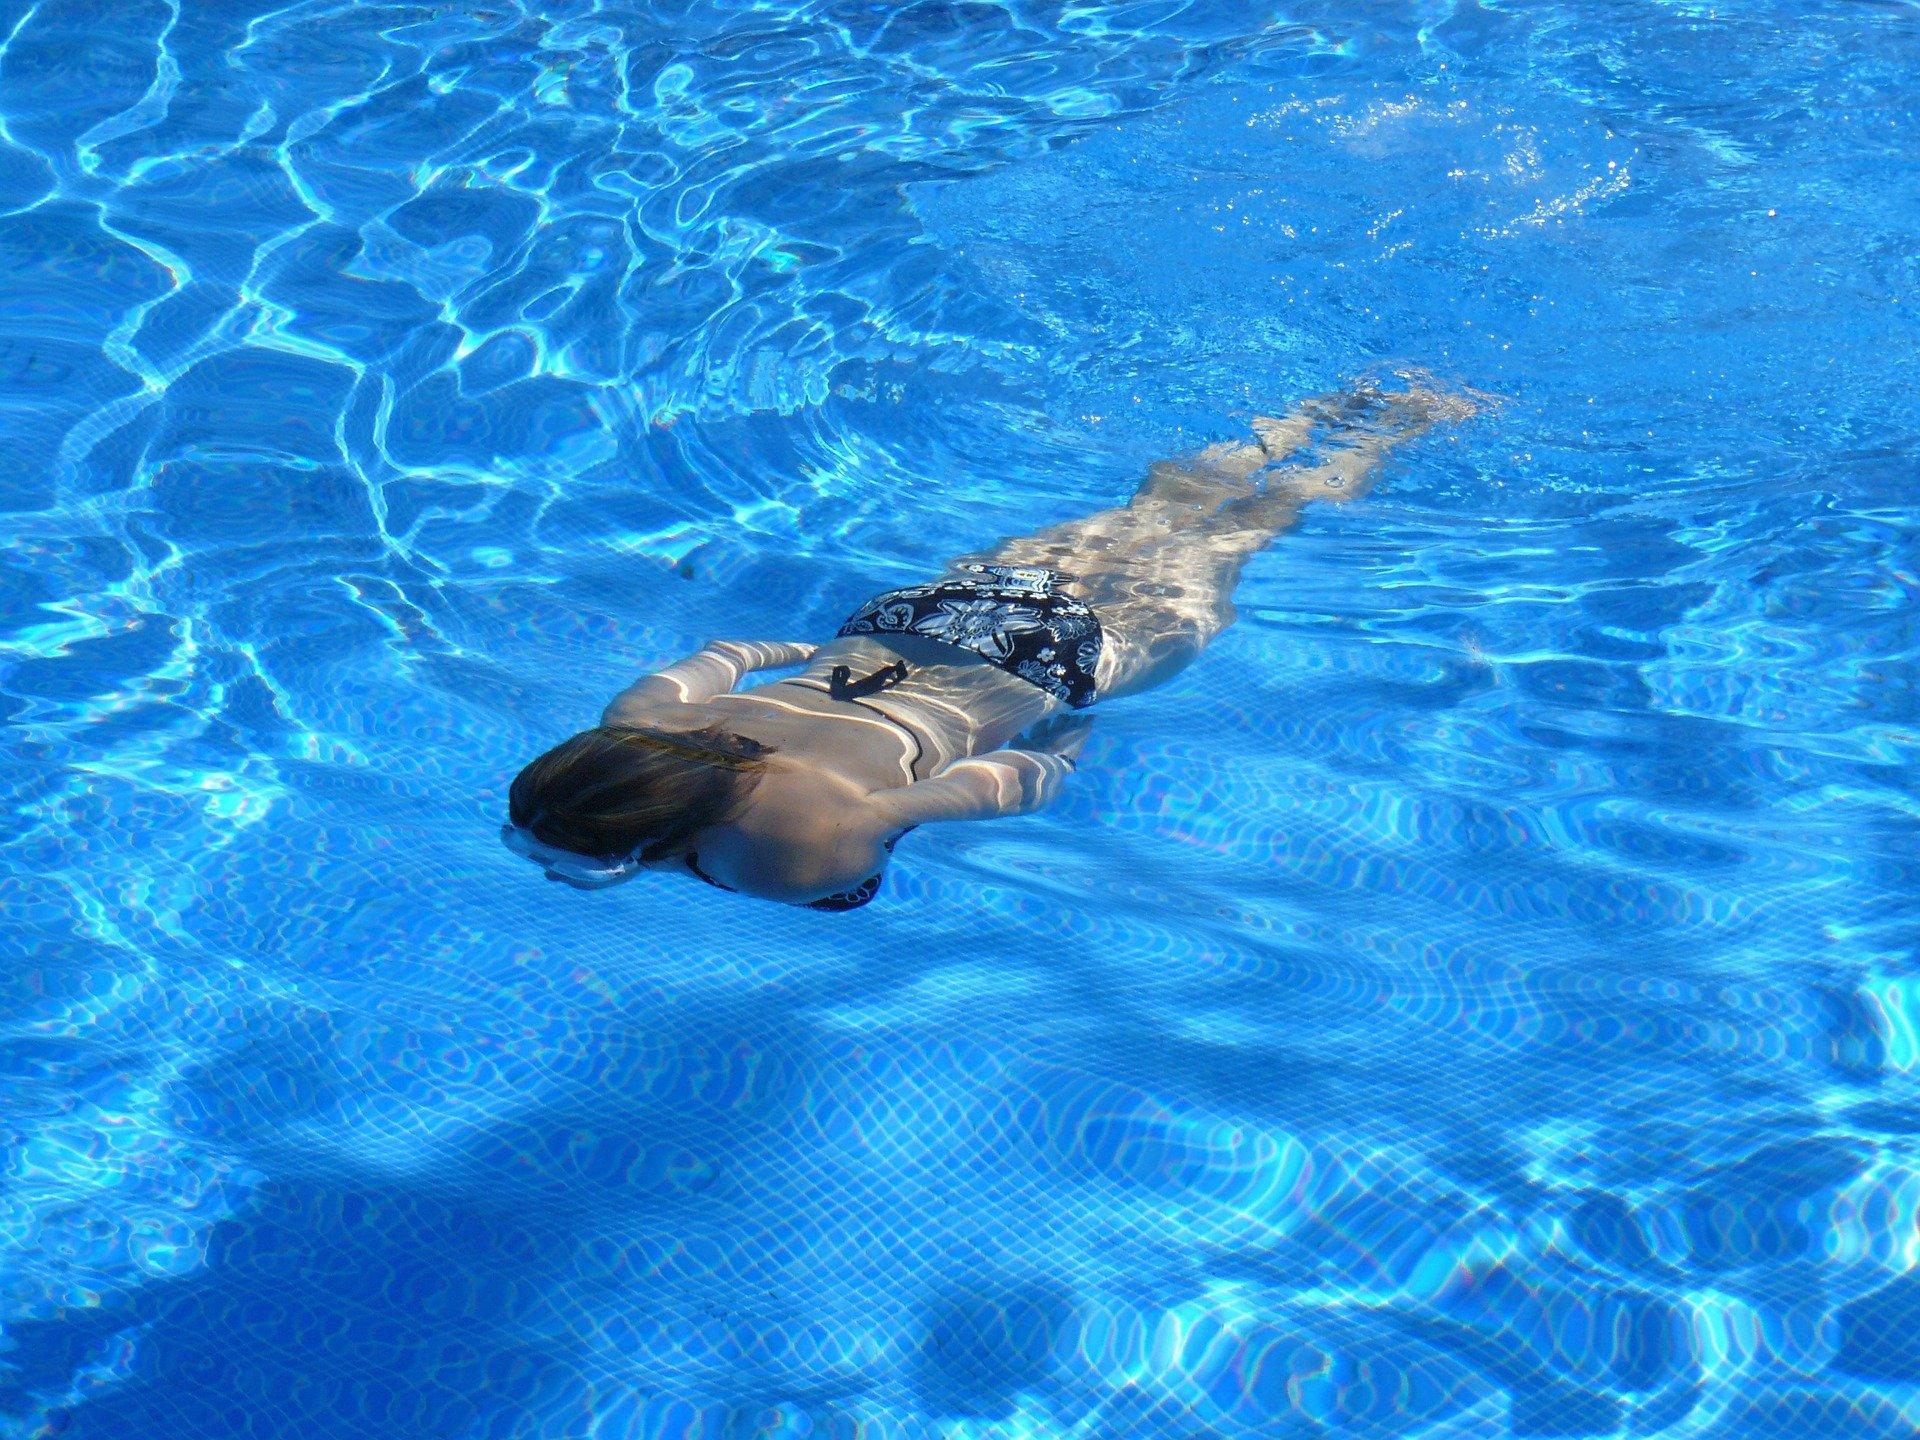 Richtiges Verhalten im Schwimmbad: Wichtige Baderegeln